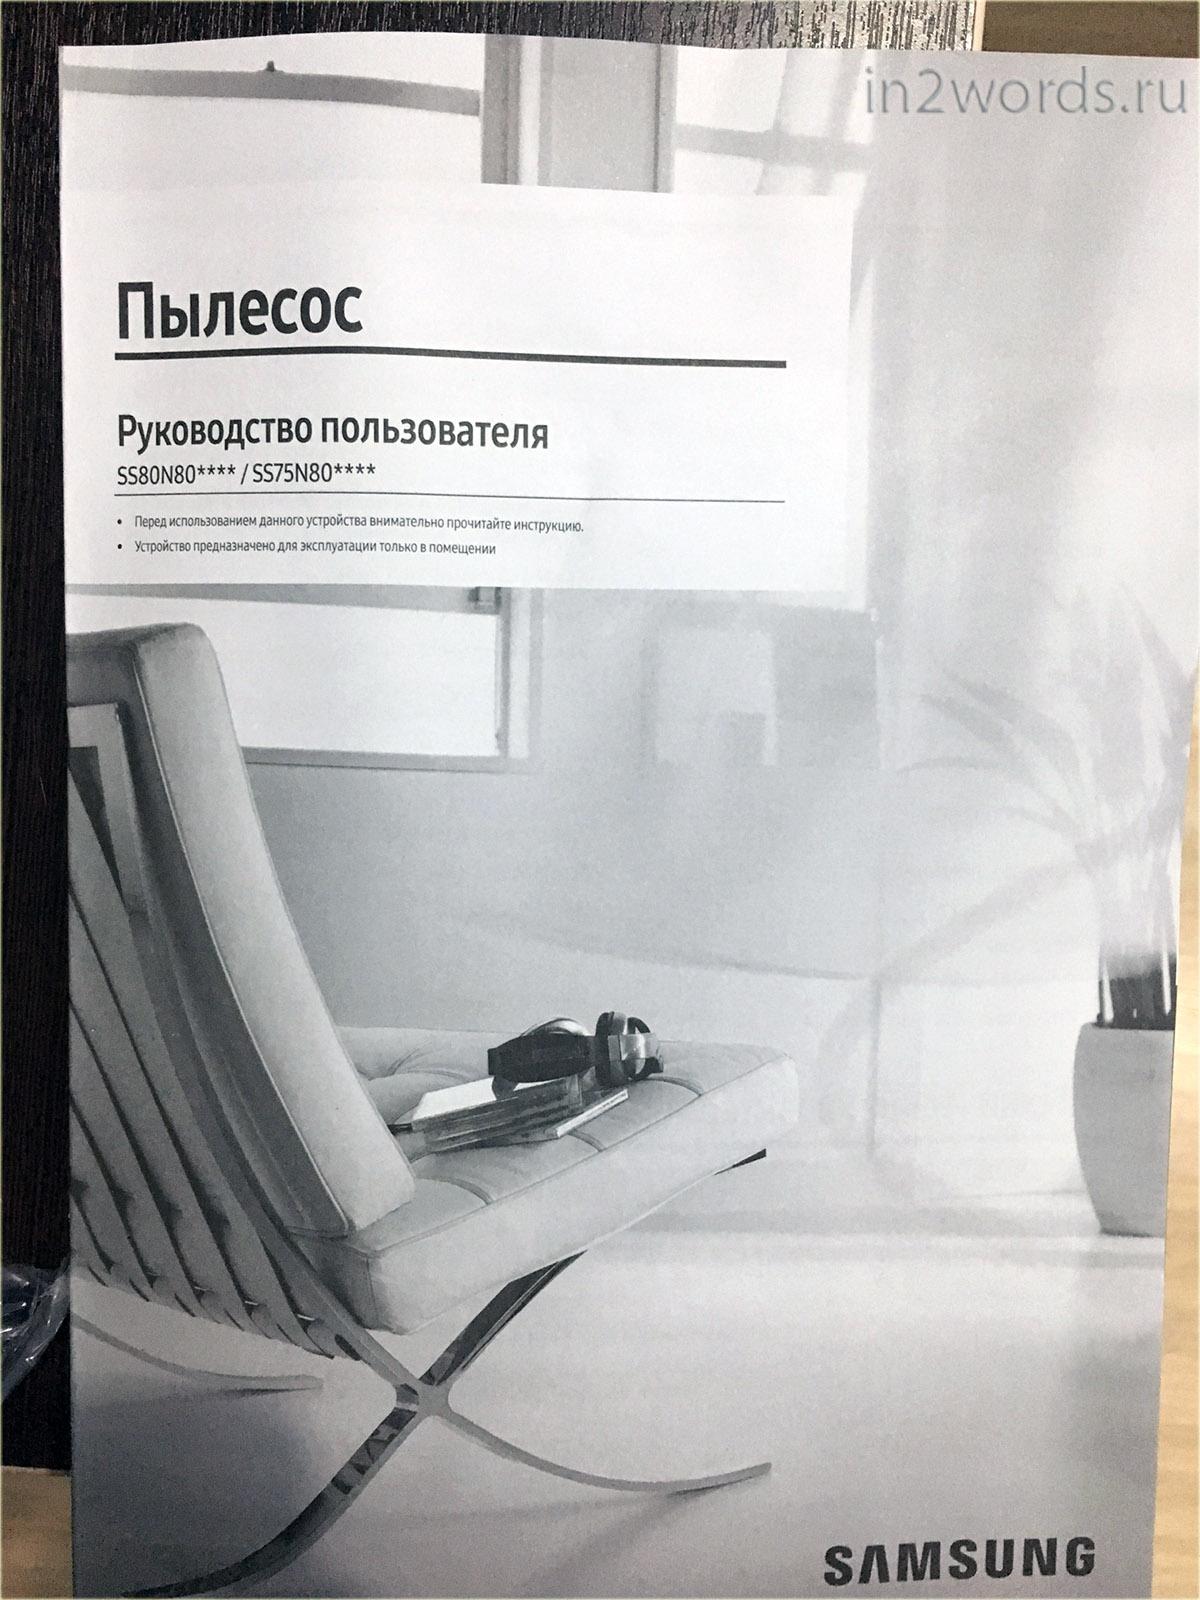 Обзор и отзыв на вертикальный пылесос PowerStick PRO Samsung SS80N8076KC серия VS8000. Часть 1 - первый взгляд, распаковка.